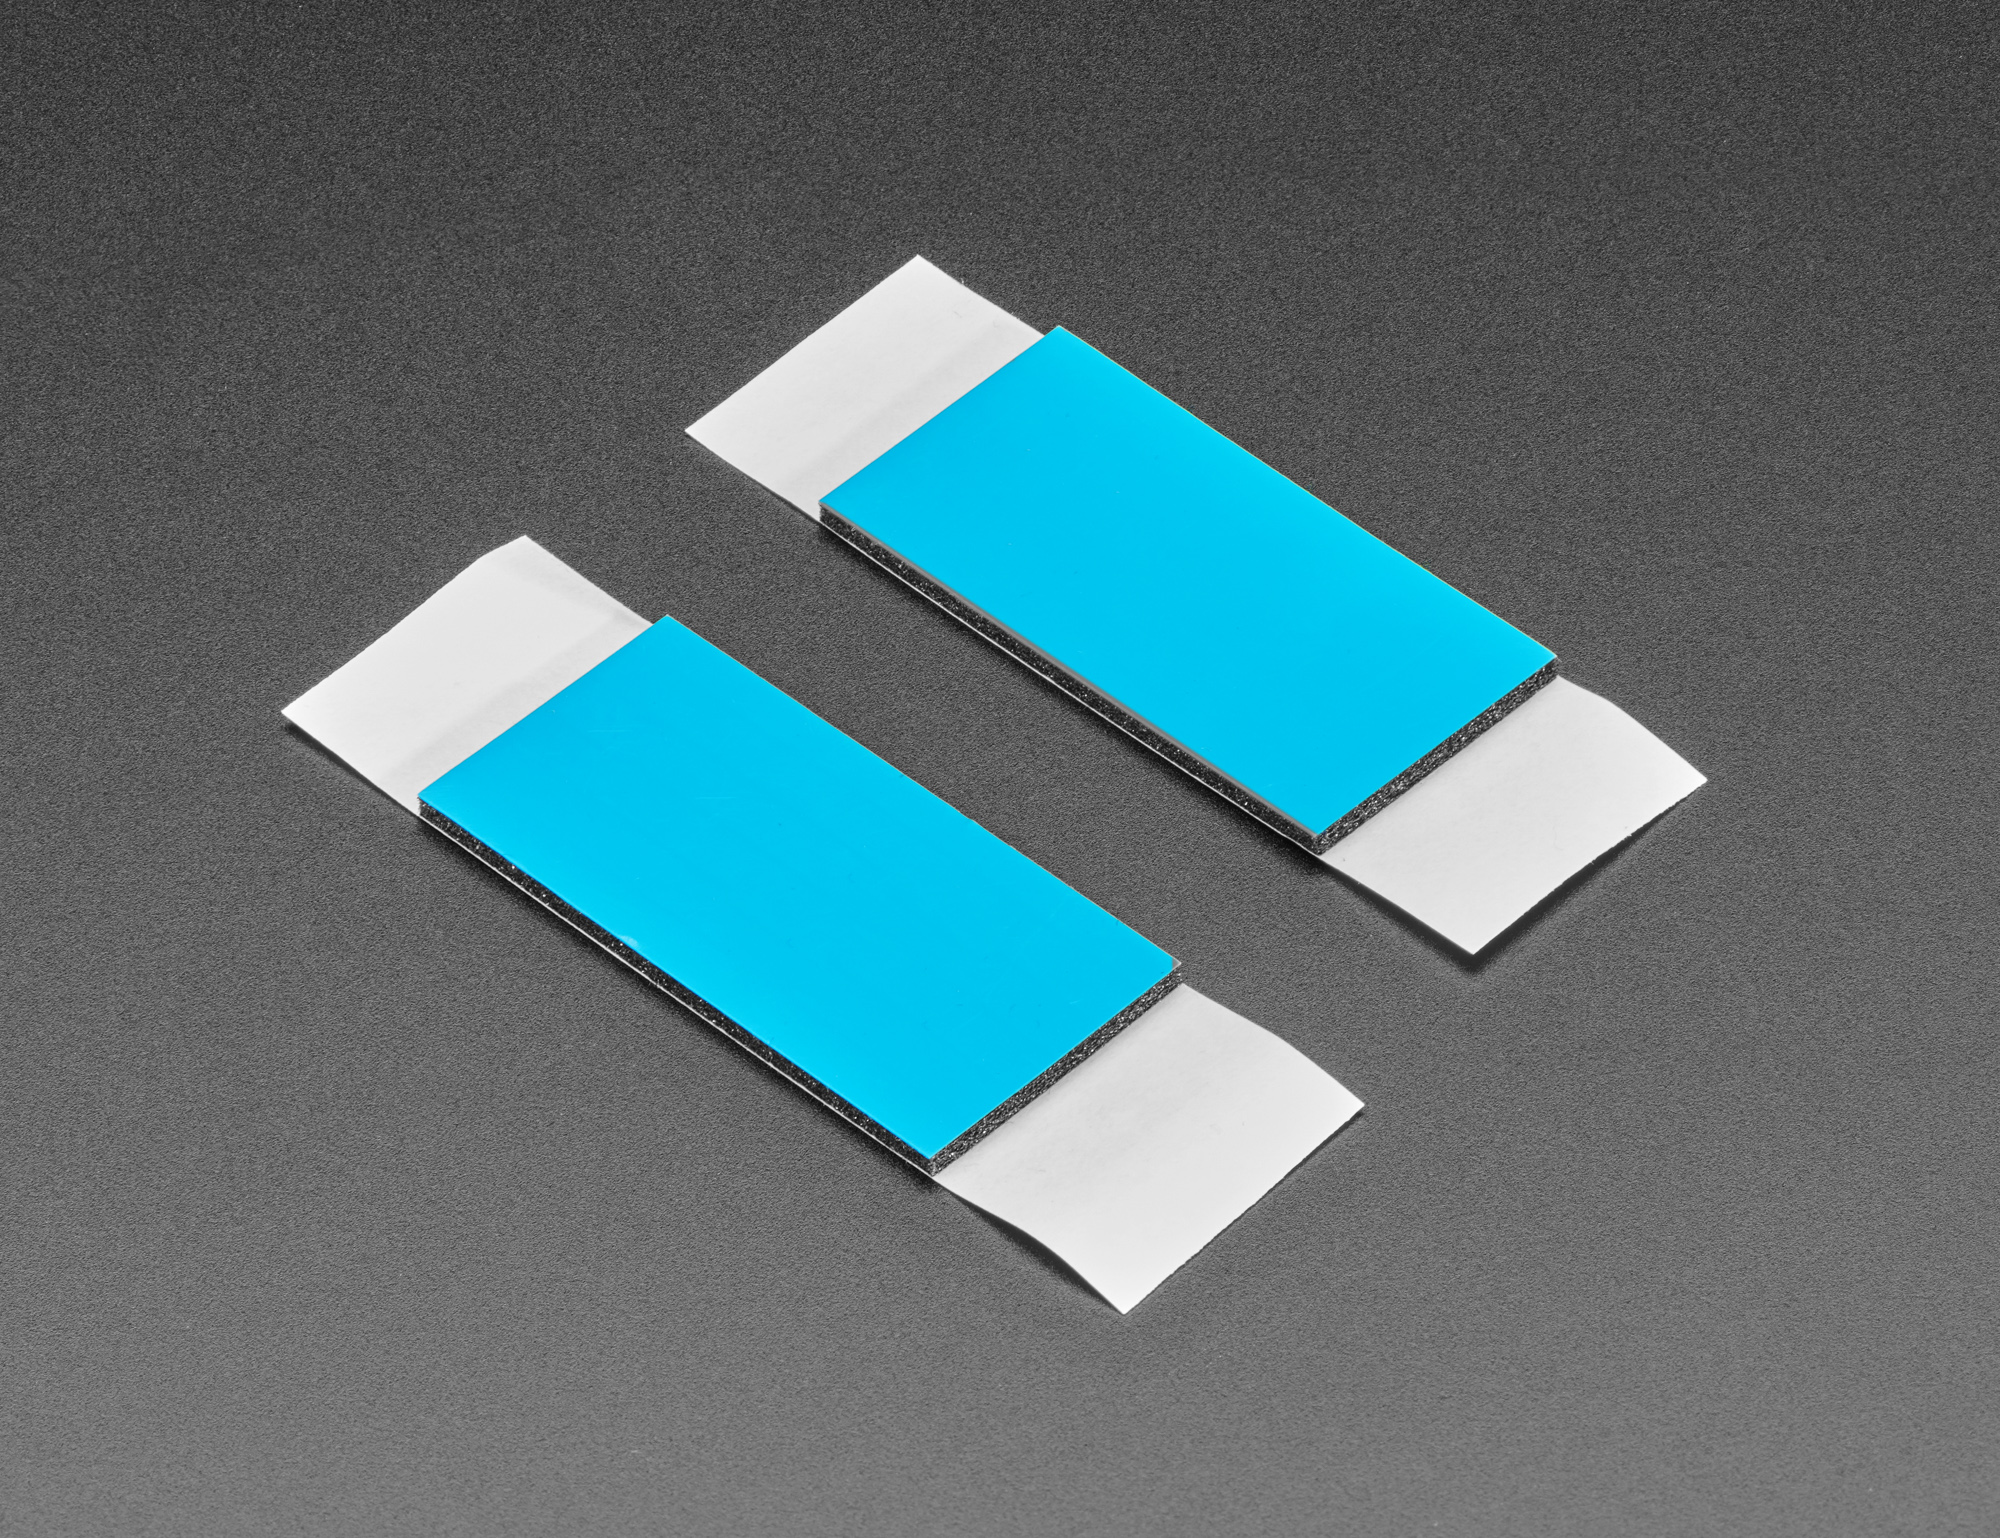 sensors_Adabox_15_Contents_08_ORIG_2020_07.jpg